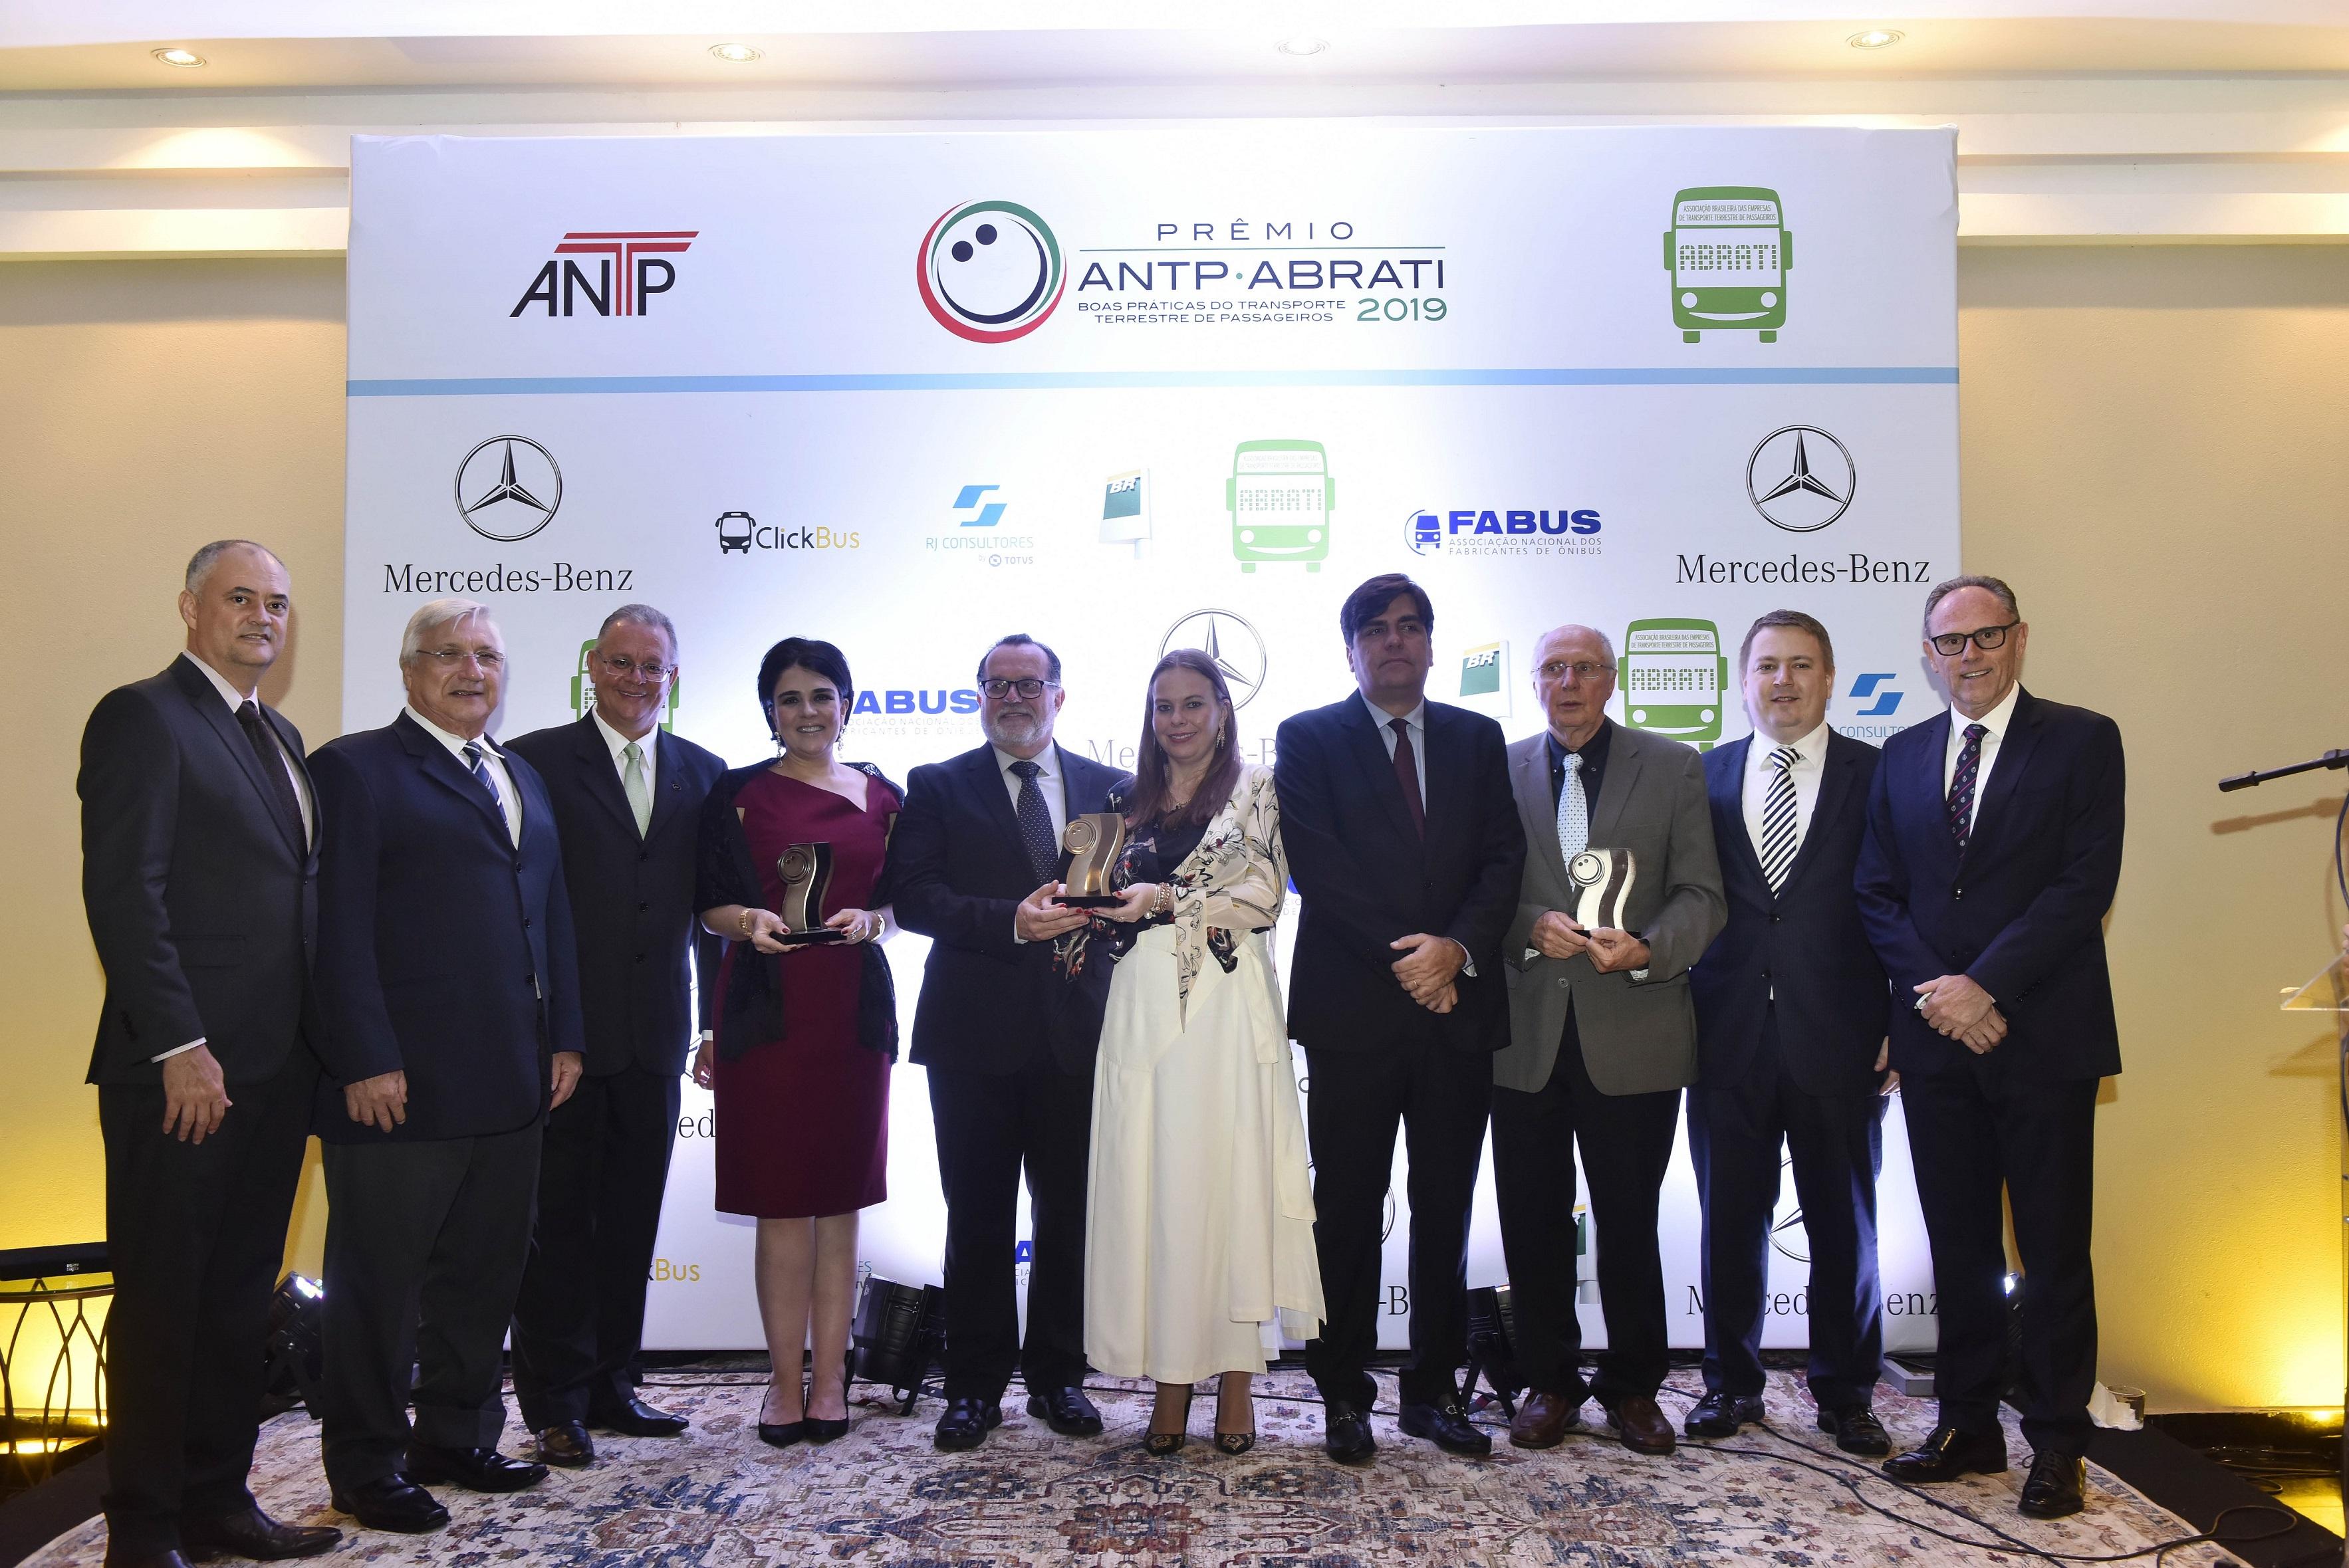 Três empresas vencem Prêmio ANTP-ABRATI 2019 Boas Práticas